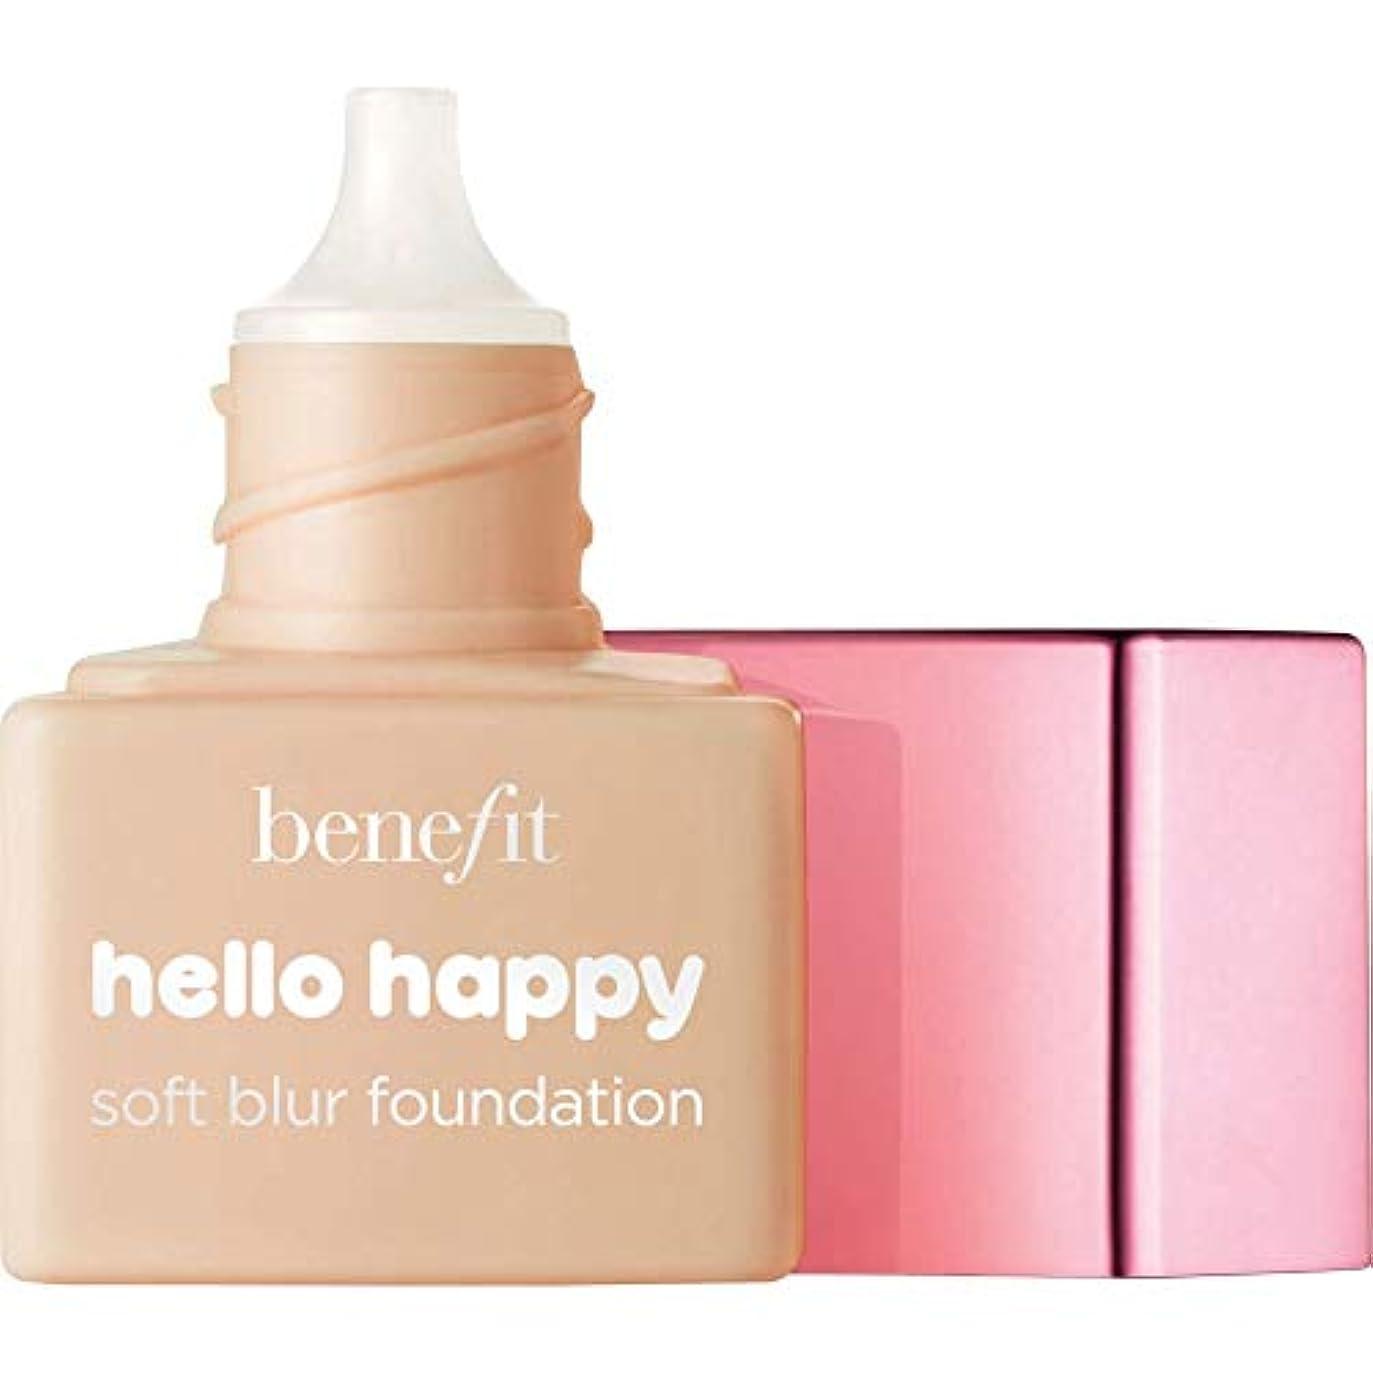 履歴書食料品店イベント[Benefit ] ミニ4 - - こんにちは幸せソフトブラー基礎Spf15の6ミリリットルの利益中性媒体中 - Benefit Hello Happy Soft Blur Foundation SPF15 6ml -...